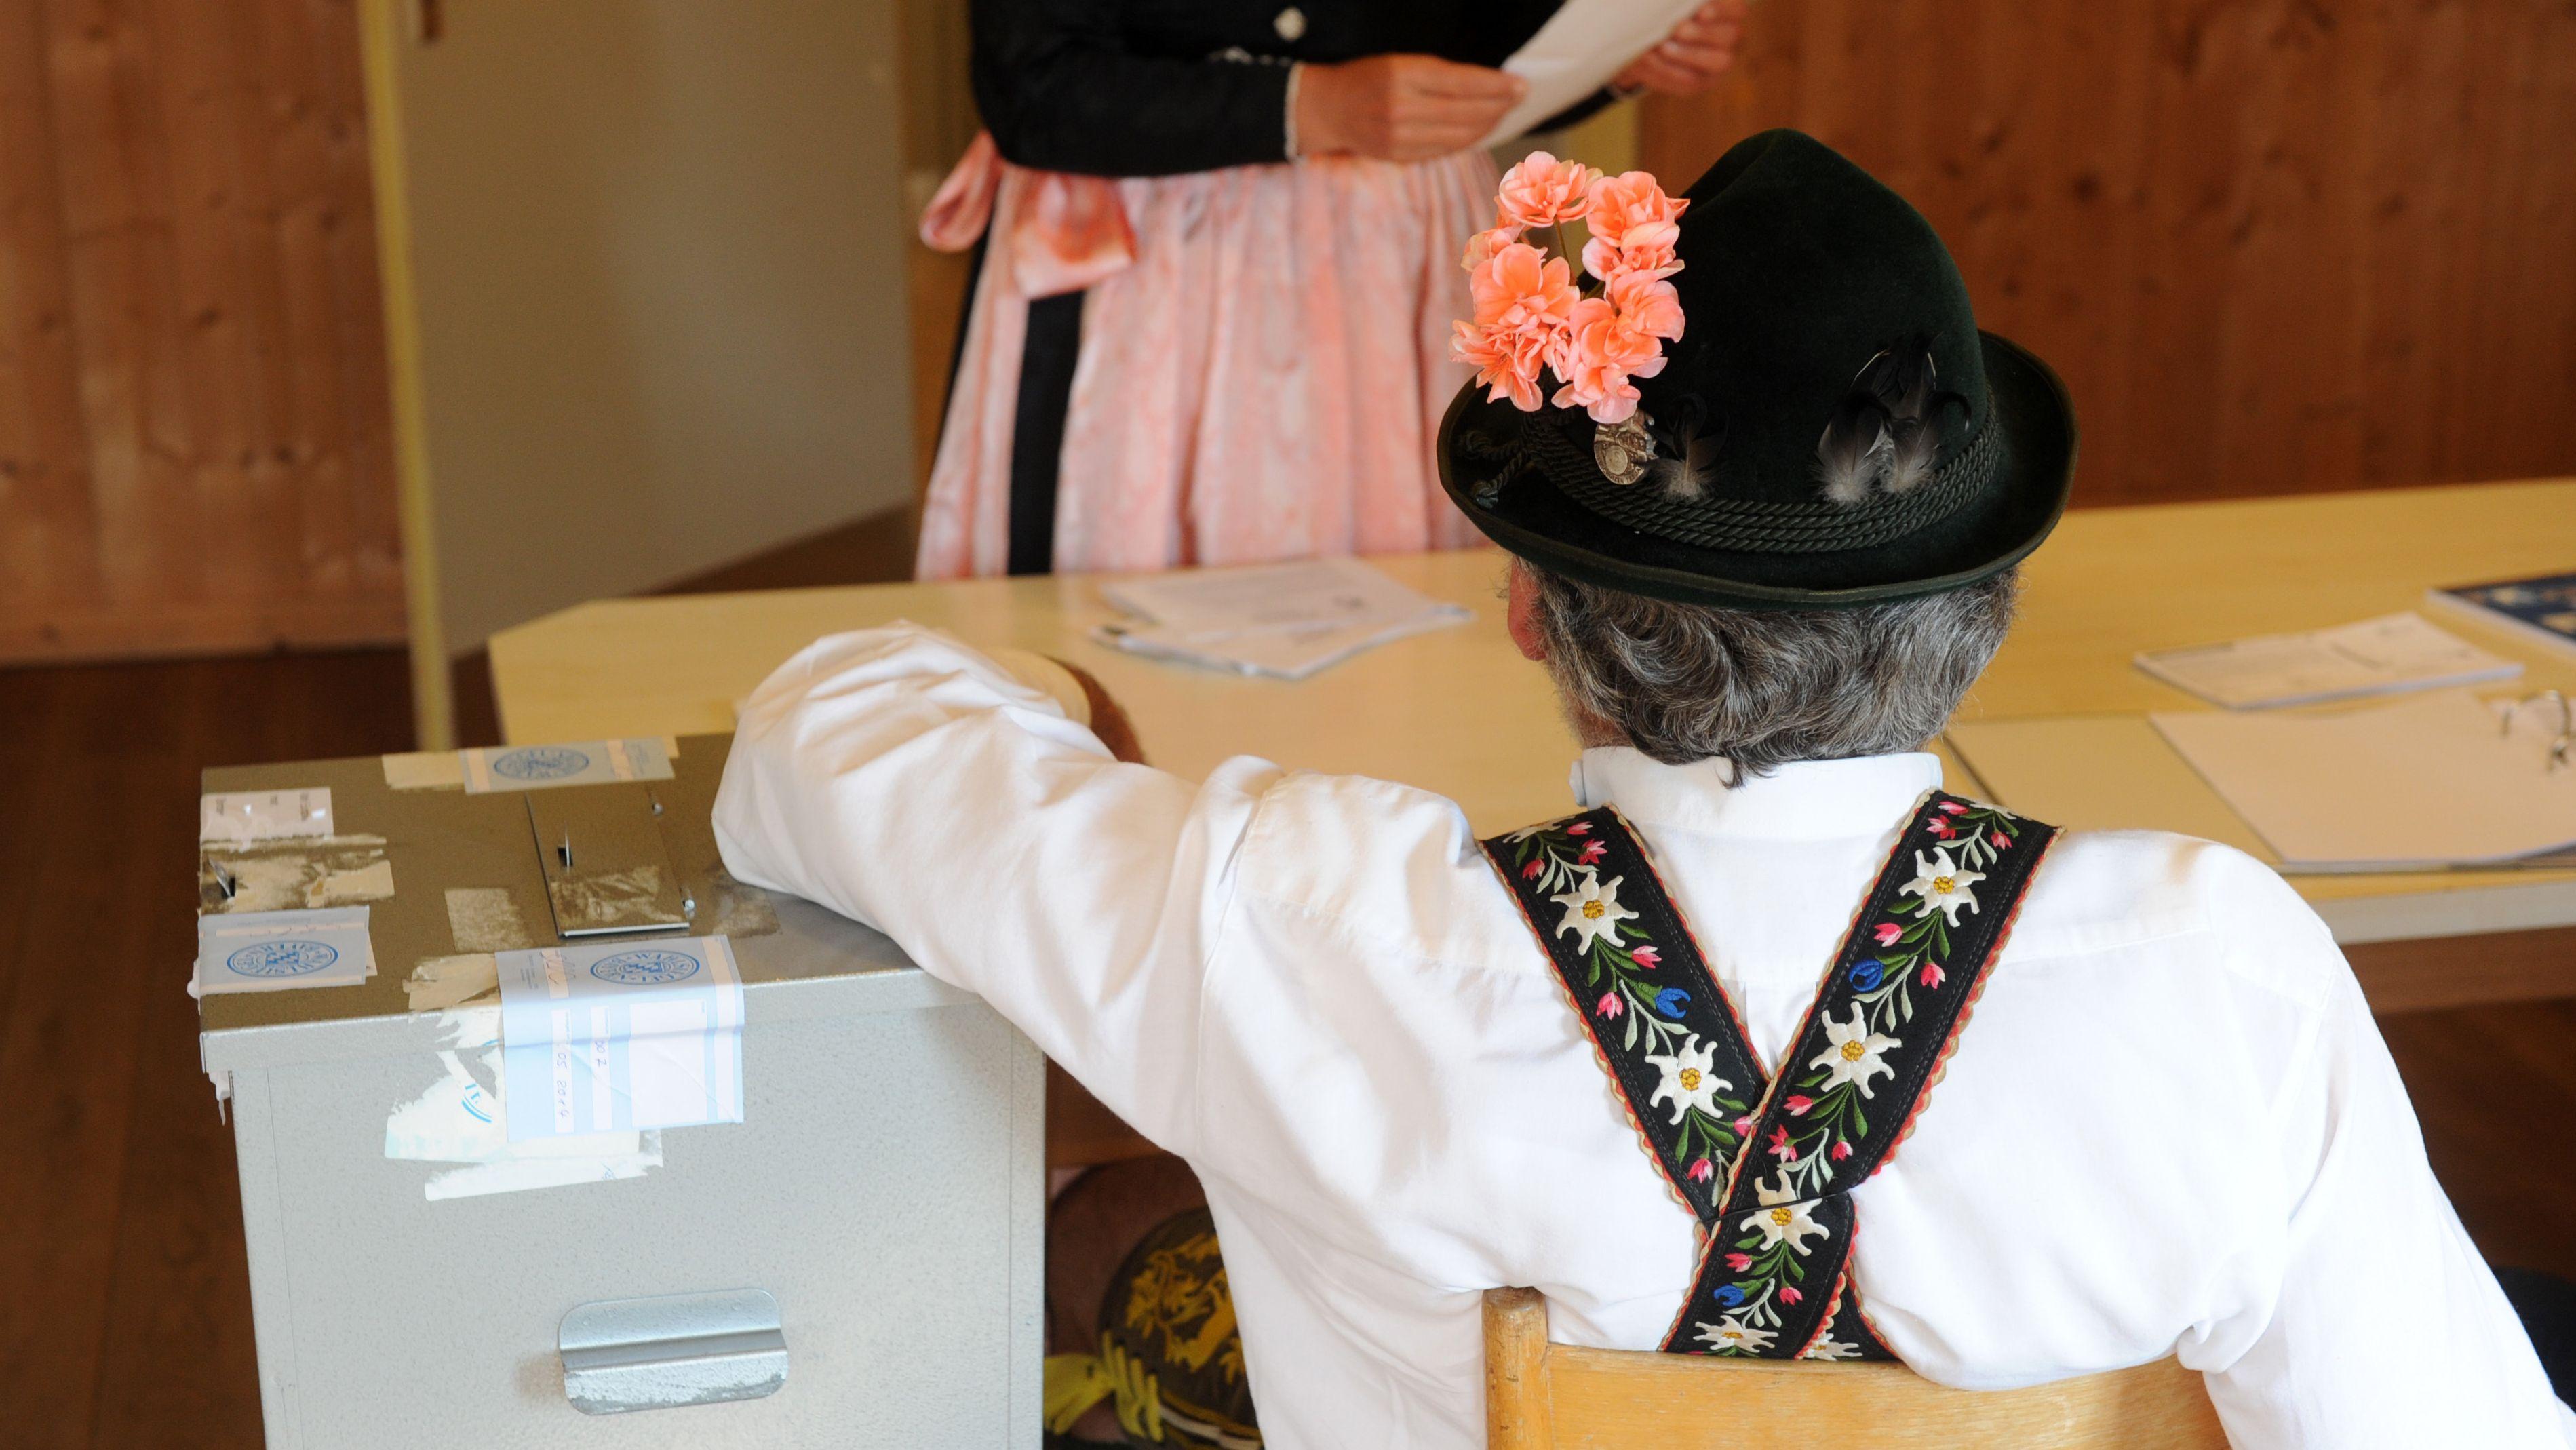 Ein Wahlhelfer in bayerischer Tracht mit Lederhose und Hut stützt sich in einem Wahllokal auf die Wahlurne.